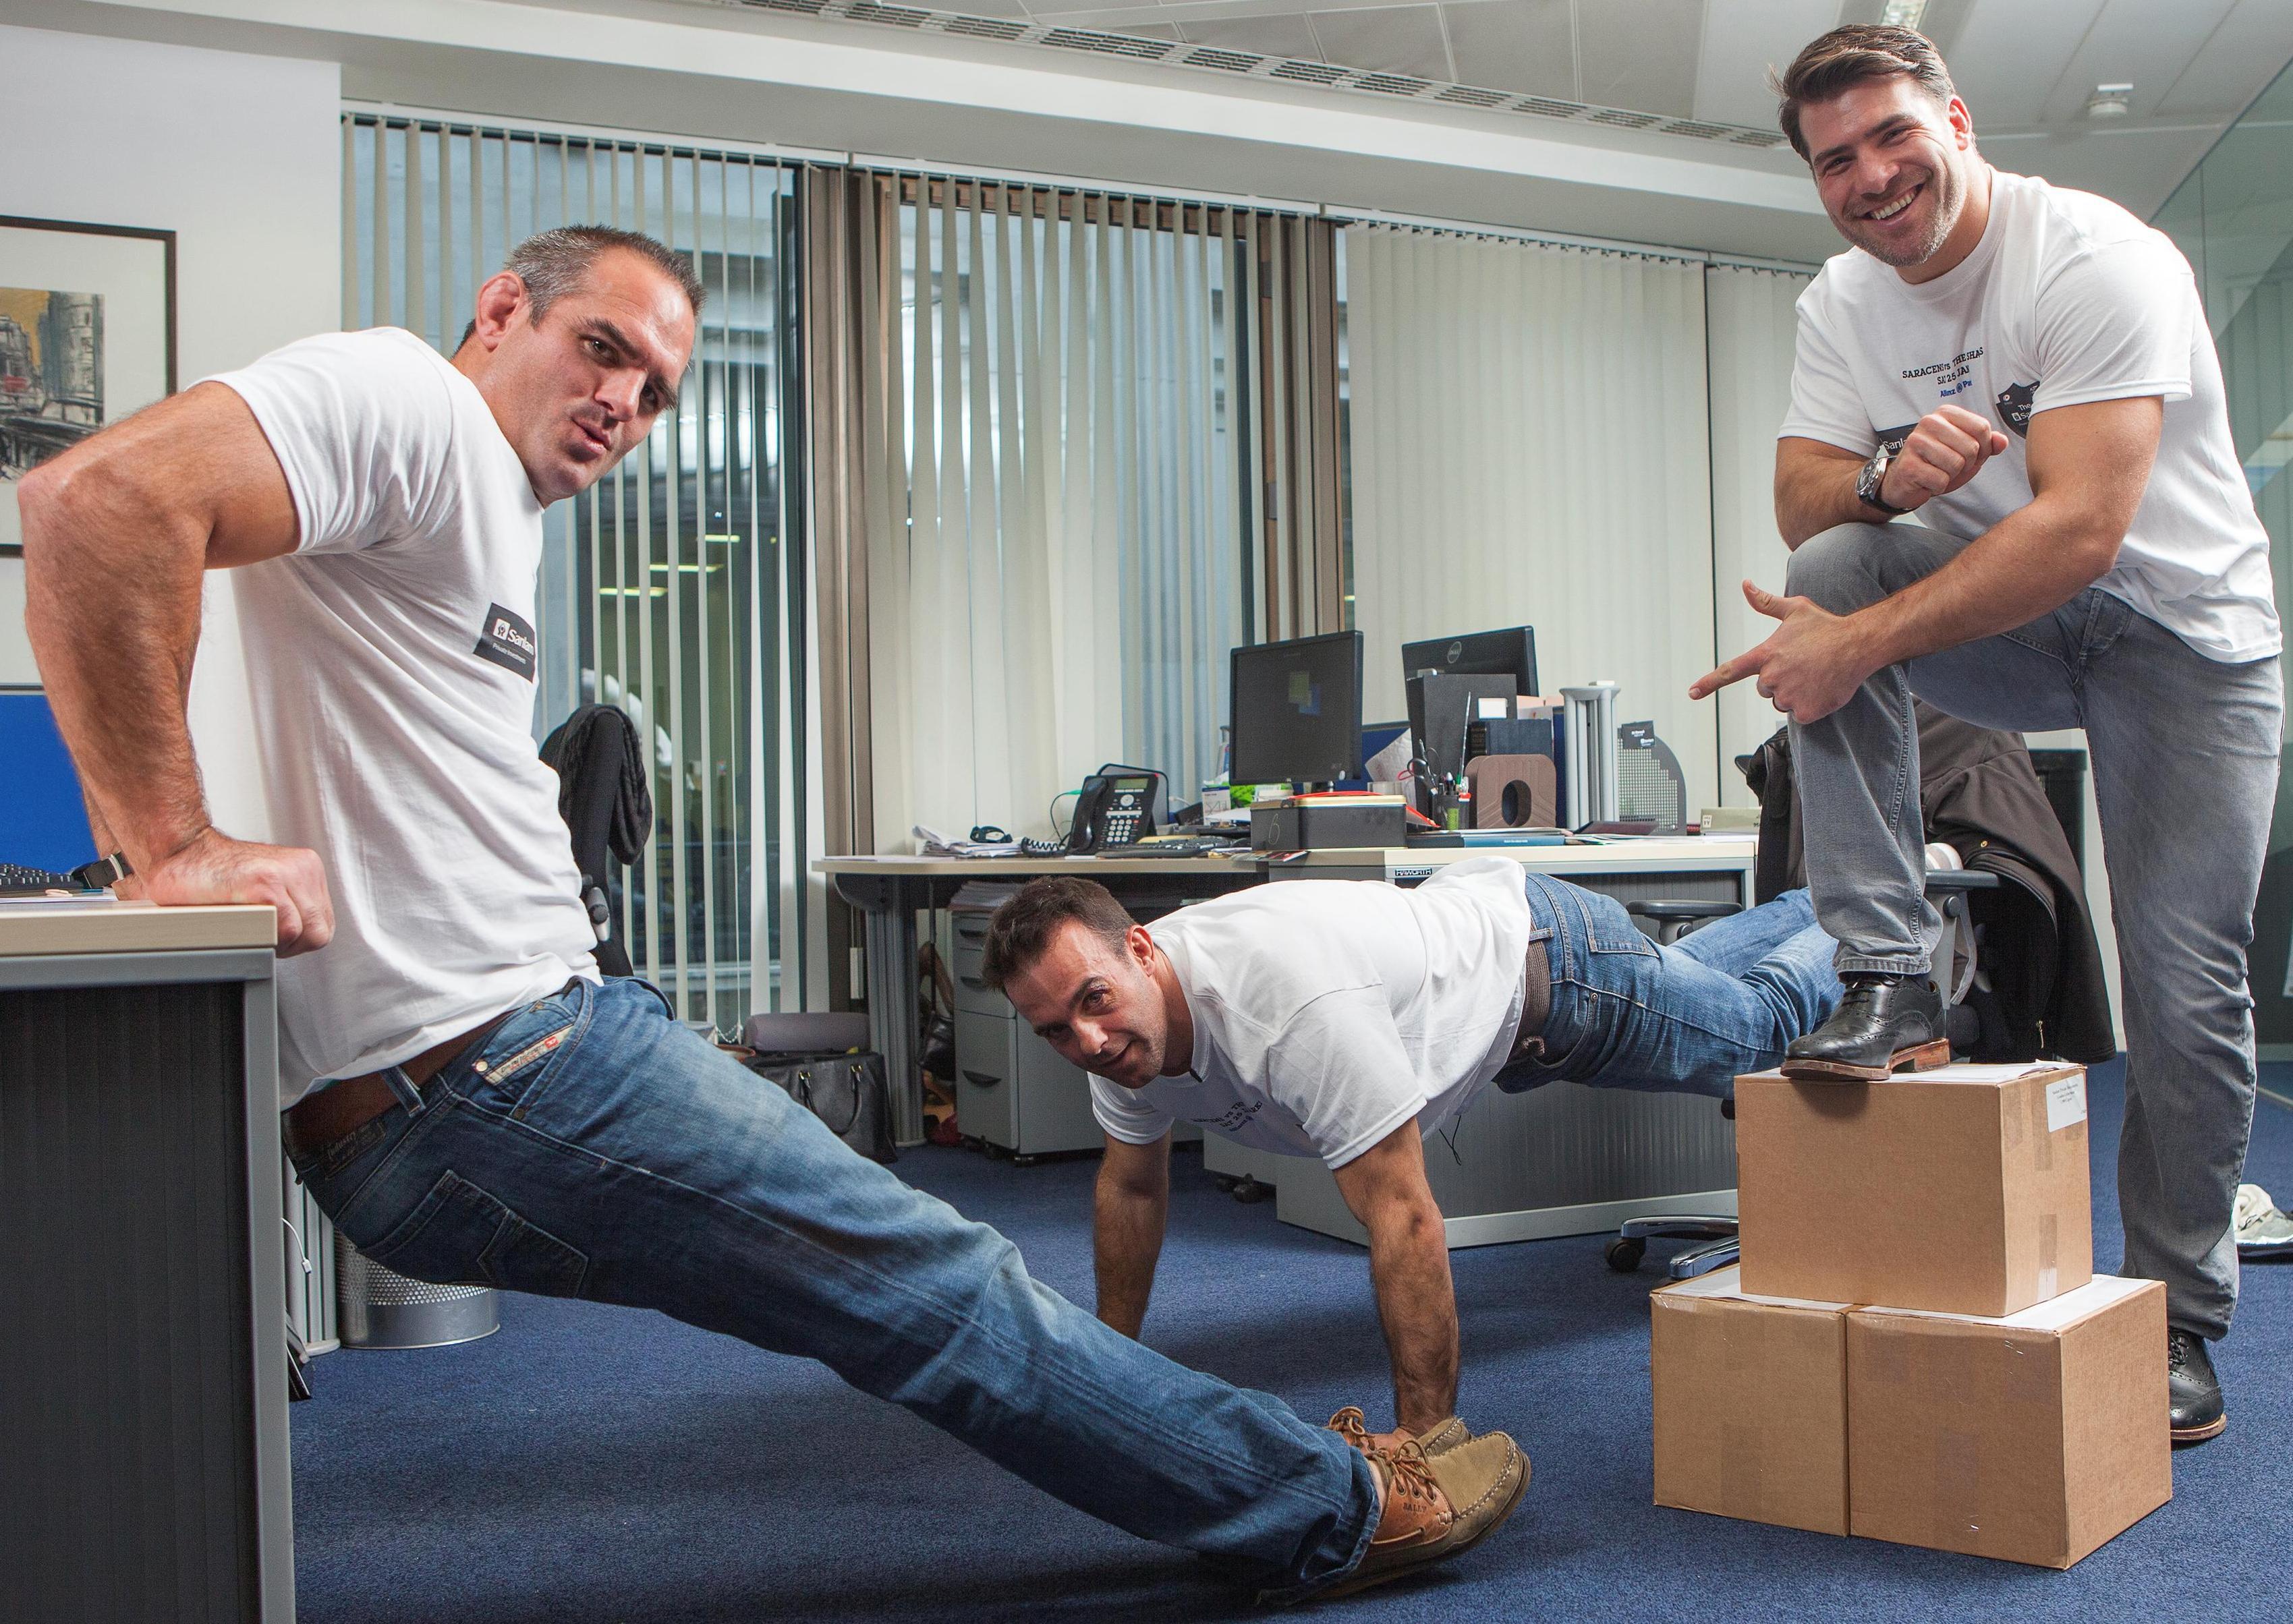 Если в офисе есть пол, значит в офисе есть тренажер для прокачки груди